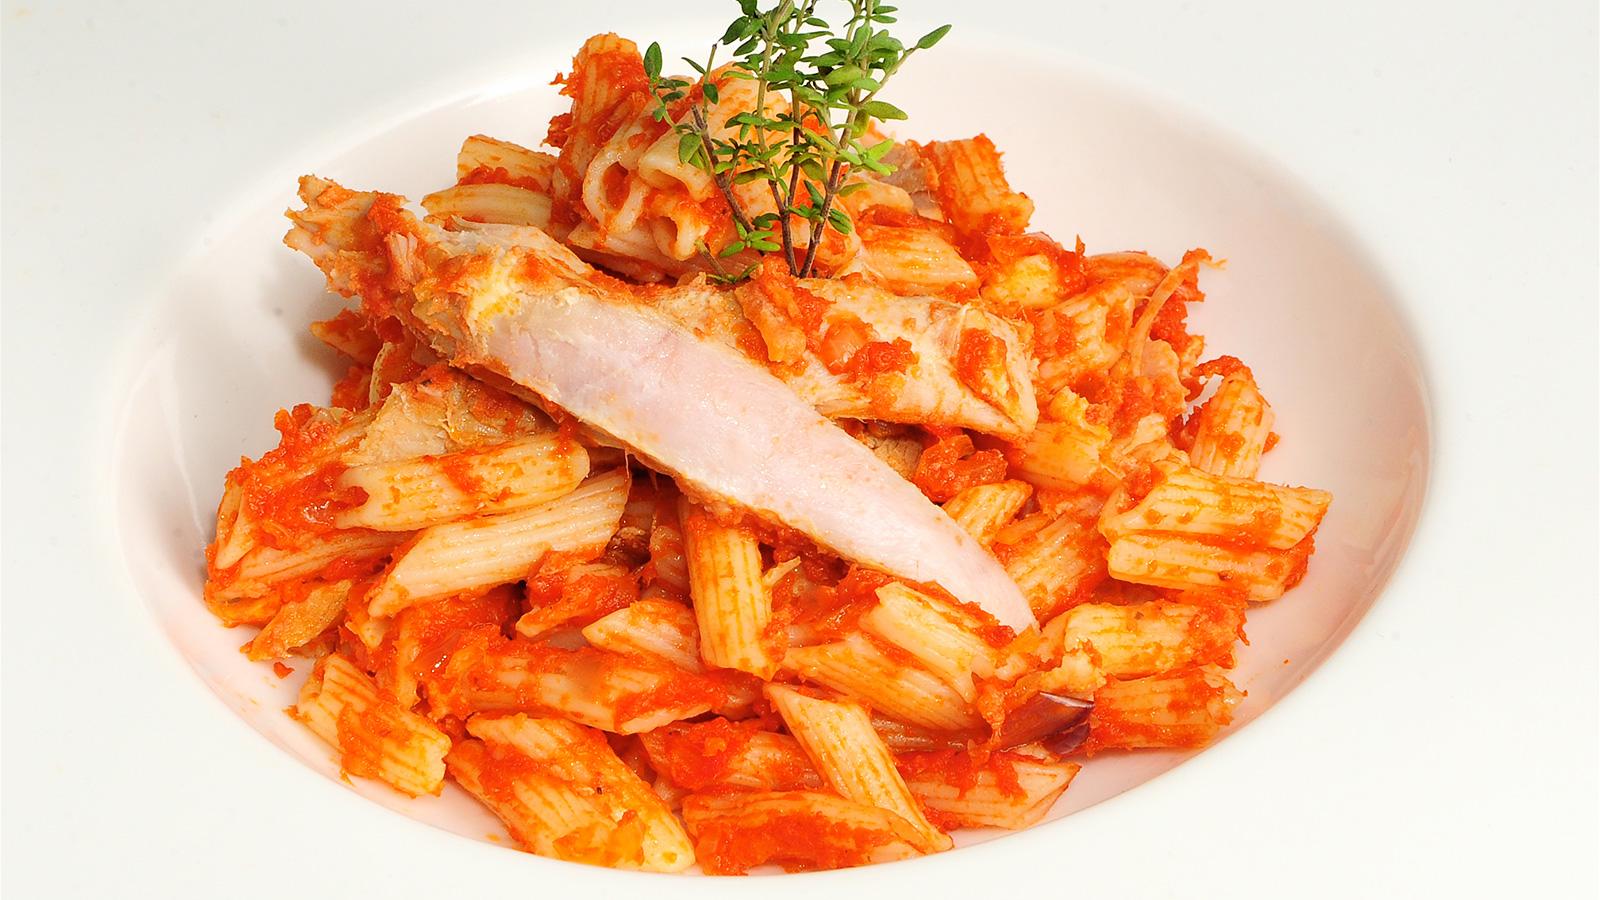 Macarrones al horno sergio fern ndez receta canal cocina - Macarrones con verduras al horno ...